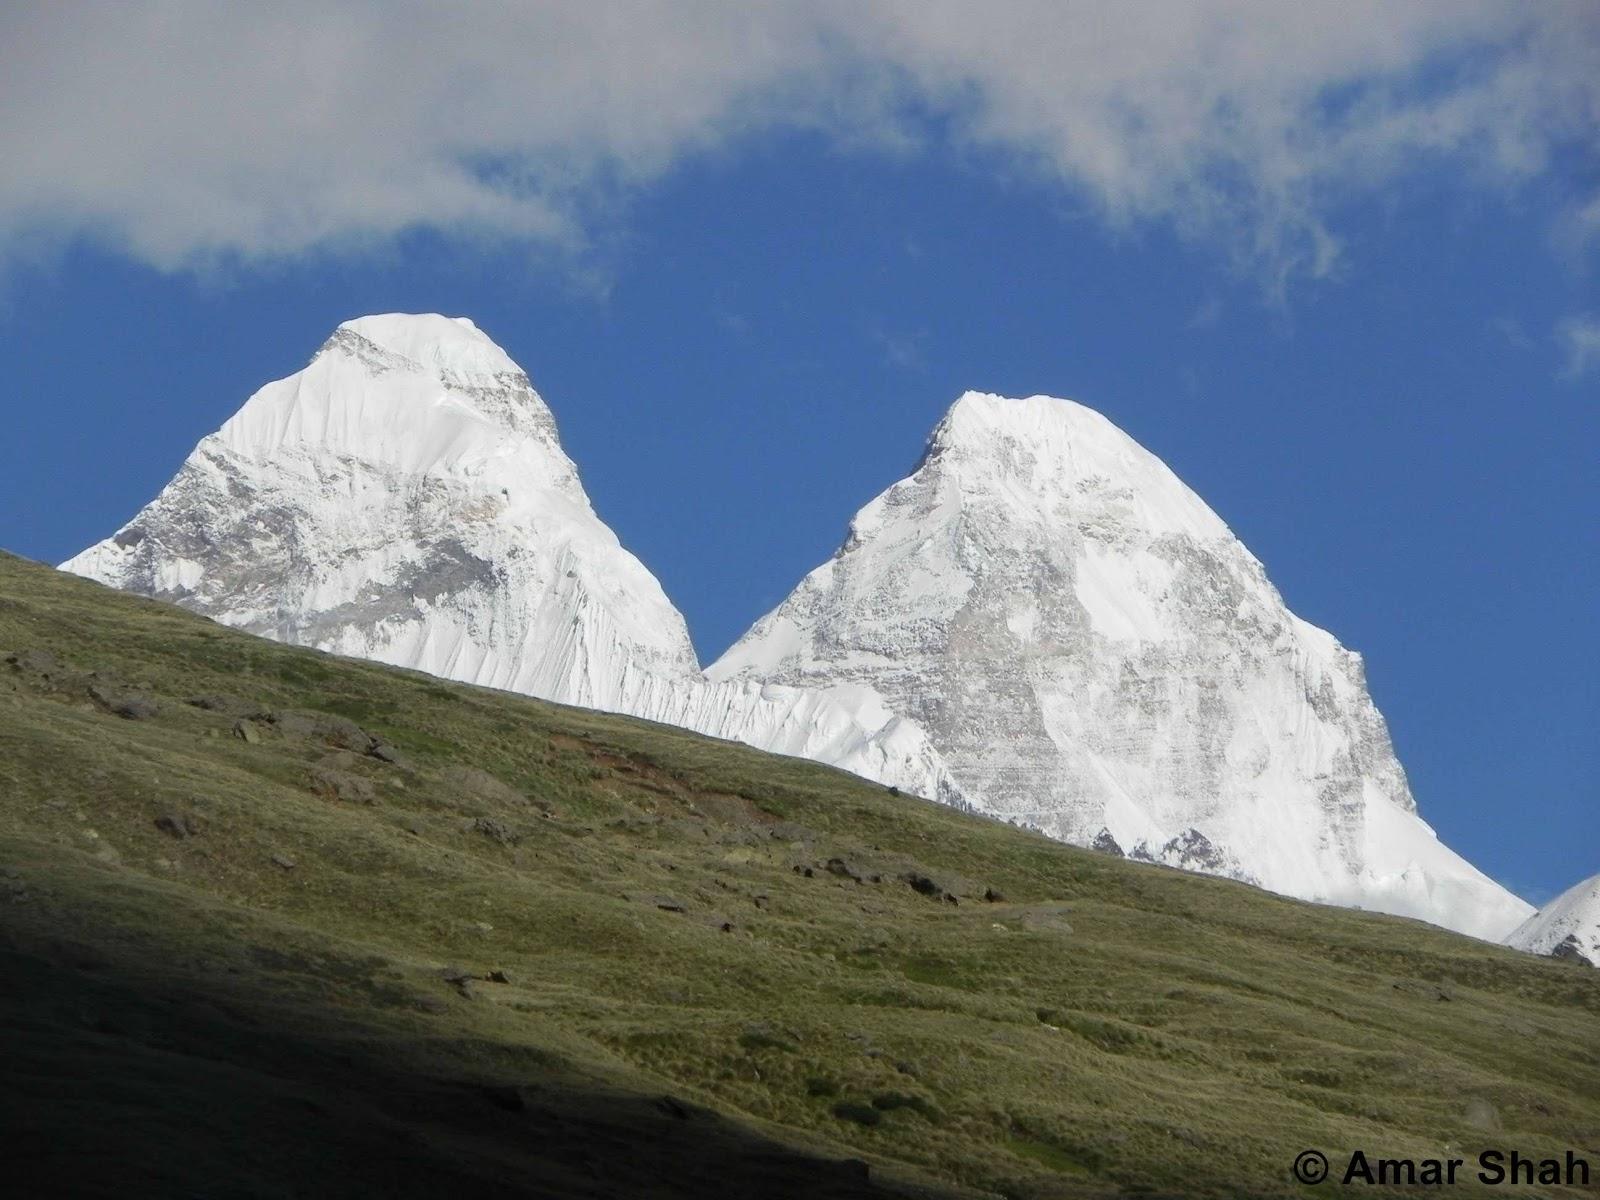 Nanda Devi trekking newlyplace.com